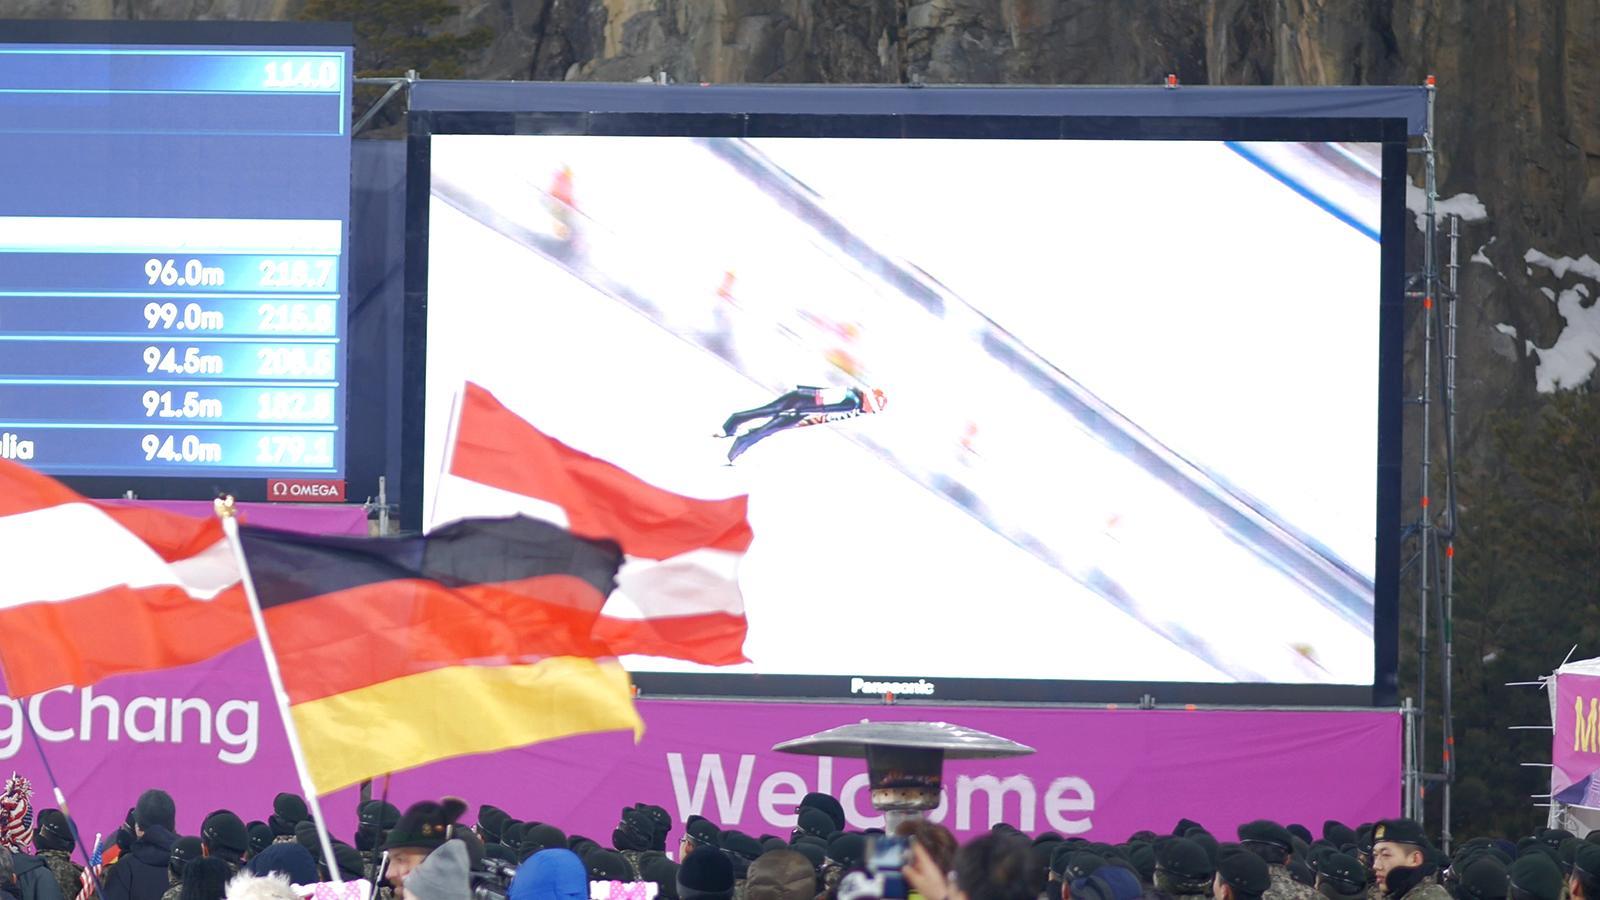 パナソニックが平昌2018冬季オリンピック「One Year to Go」イベントに参加